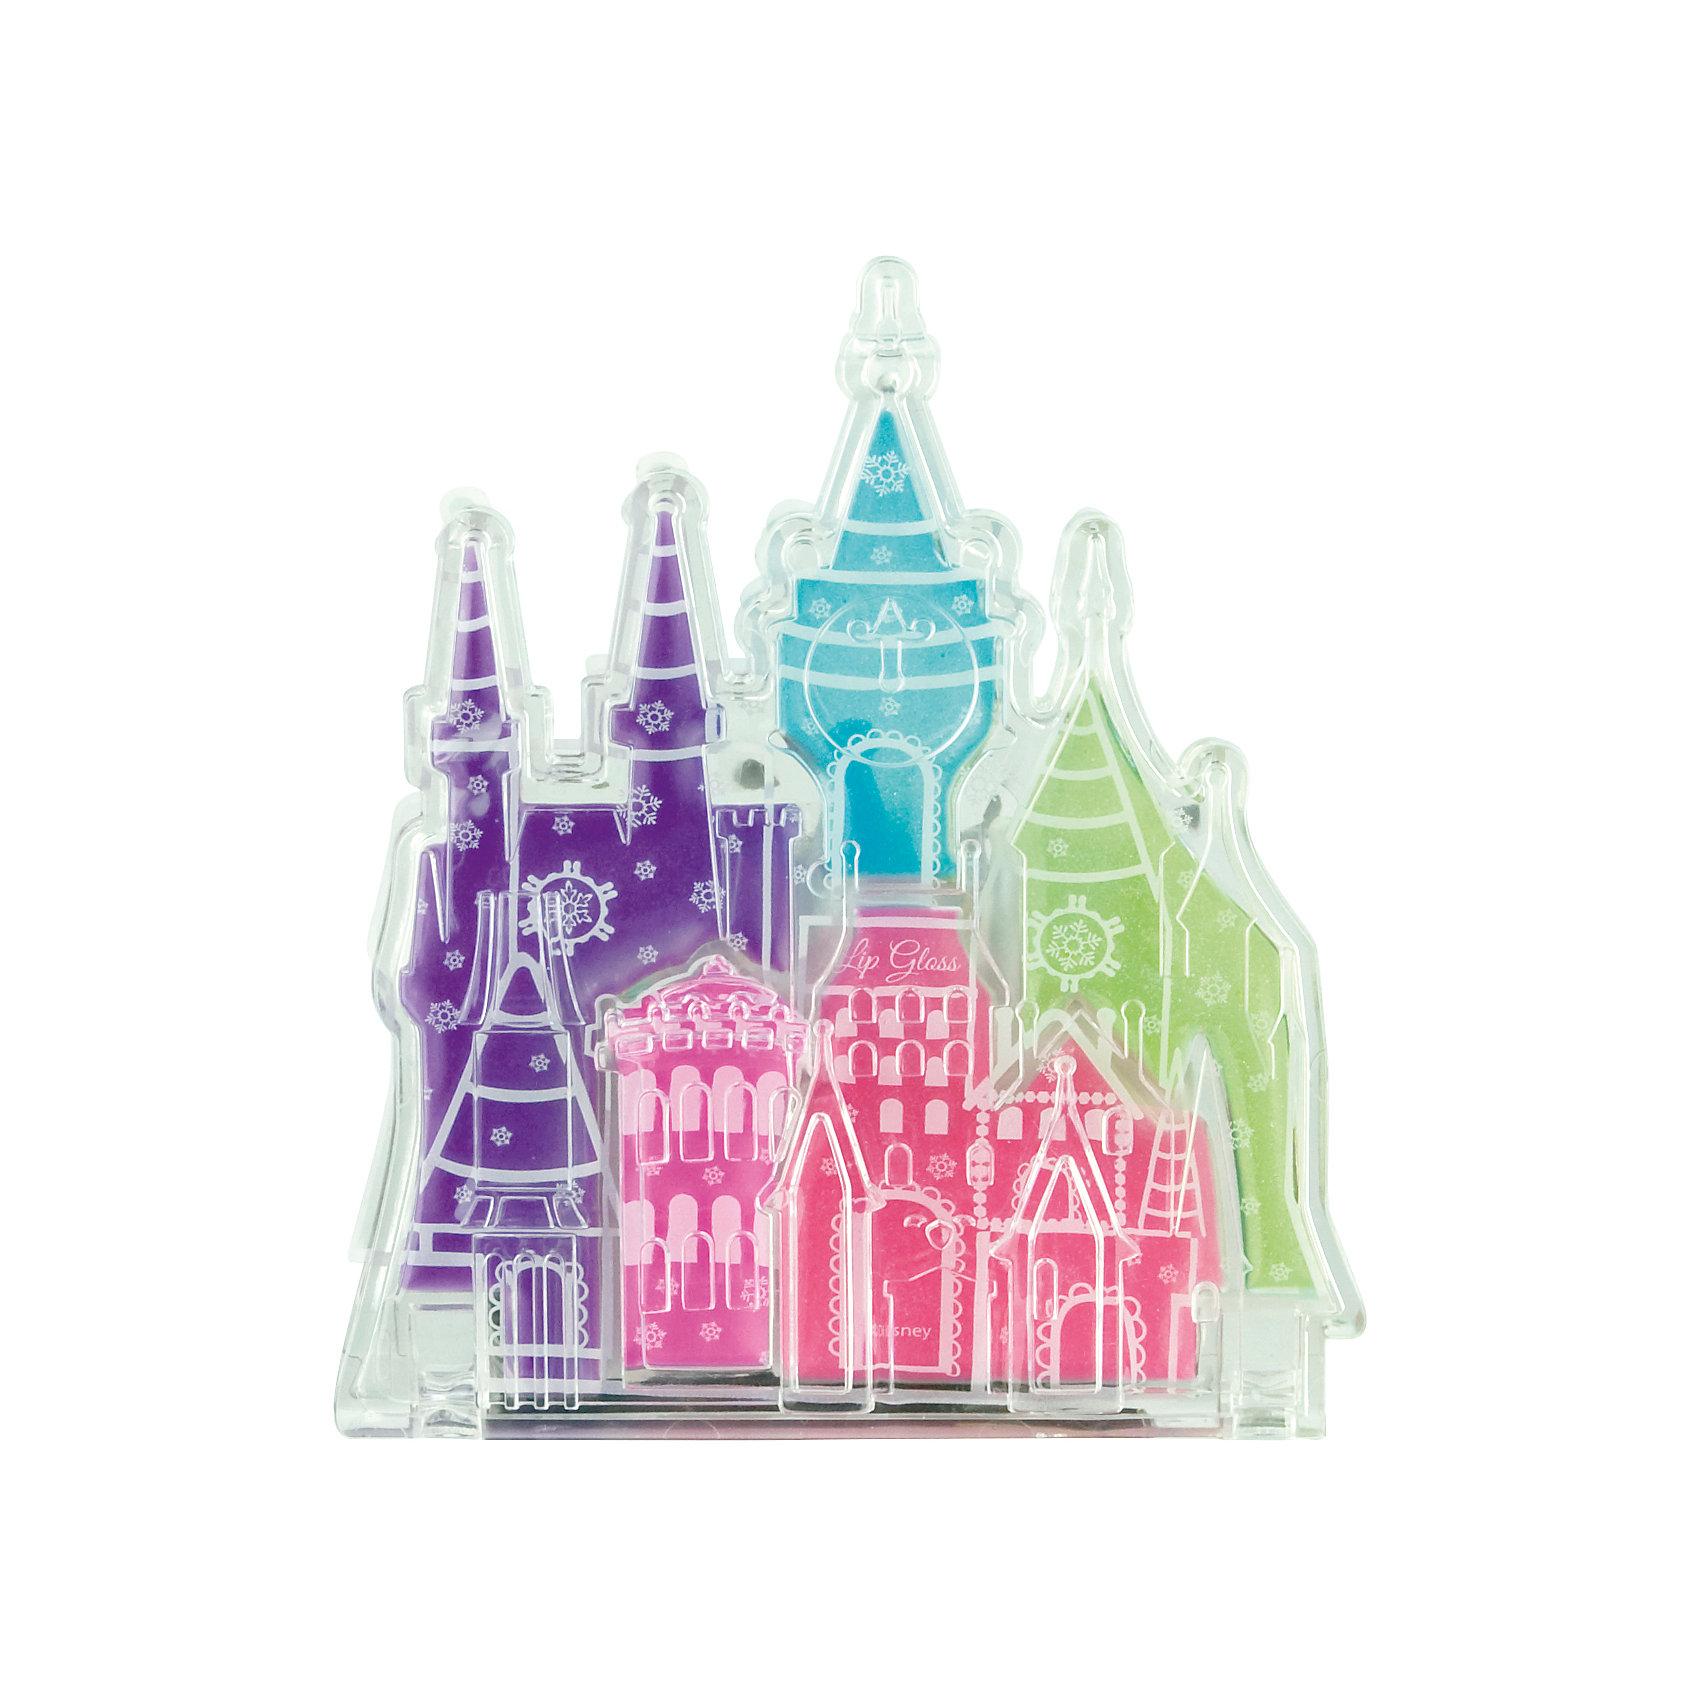 Набор детской косметики Princess - Блеск для губПринцессы Дисней<br>Характеристики:<br><br>• Наименование: детская декоративная косметика<br>• Предназначение: для сюжетно-ролевых игр<br>• Серия: Принцессы Диснея<br>• Пол: для девочки<br>• Материал: натуральные косметические компоненты, пластик, текстиль<br>• Цвет: оттенки розового, голубой, сиреневый, салатовый<br>• Комплектация: палитра блеска для губ из 5 оттенков<br>• Размеры (Д*Ш*В): 10*9*3 см<br>• Вес: 50 г <br>• Упаковка: футляр в виде замка<br><br>Игровой набор детской декоративной косметики в замке, Принцессы Дисней – это набор игровой детской косметики от Markwins, которая вот уже несколько десятилетий специализируется на выпуске детской косметики. Рецептура декоративной детской косметики разработана совместно с косметологами и медиками, в основе рецептуры – водная основа, а потому она гипоаллергенны, не вызывает раздражений на детской коже и легко смывается, не оставляя следа. Безопасность продукции подтверждена международными сертификатами качества и безопасности. <br>Игровой набор детской декоративной косметики состоит из палитры нежных оттенков блеска для губ в оригинальном футляре в виде замка. Косметические средства, входящие в состав набора, имеют длительный срок хранения – 12 месяцев. Набор выполнен в брендовом дизайне популярной серии Принцессы Диснея. Игровой набор детской декоративной косметики от Markwins может стать незаменимым праздничным подарком для любой маленькой модницы!<br><br>Игровой набор детской декоративной косметики в замке, Принцессы Дисней можно купить в нашем интернет-магазине.<br><br>Ширина мм: 80<br>Глубина мм: 100<br>Высота мм: 10<br>Вес г: 71<br>Возраст от месяцев: 48<br>Возраст до месяцев: 120<br>Пол: Женский<br>Возраст: Детский<br>SKU: 5124703